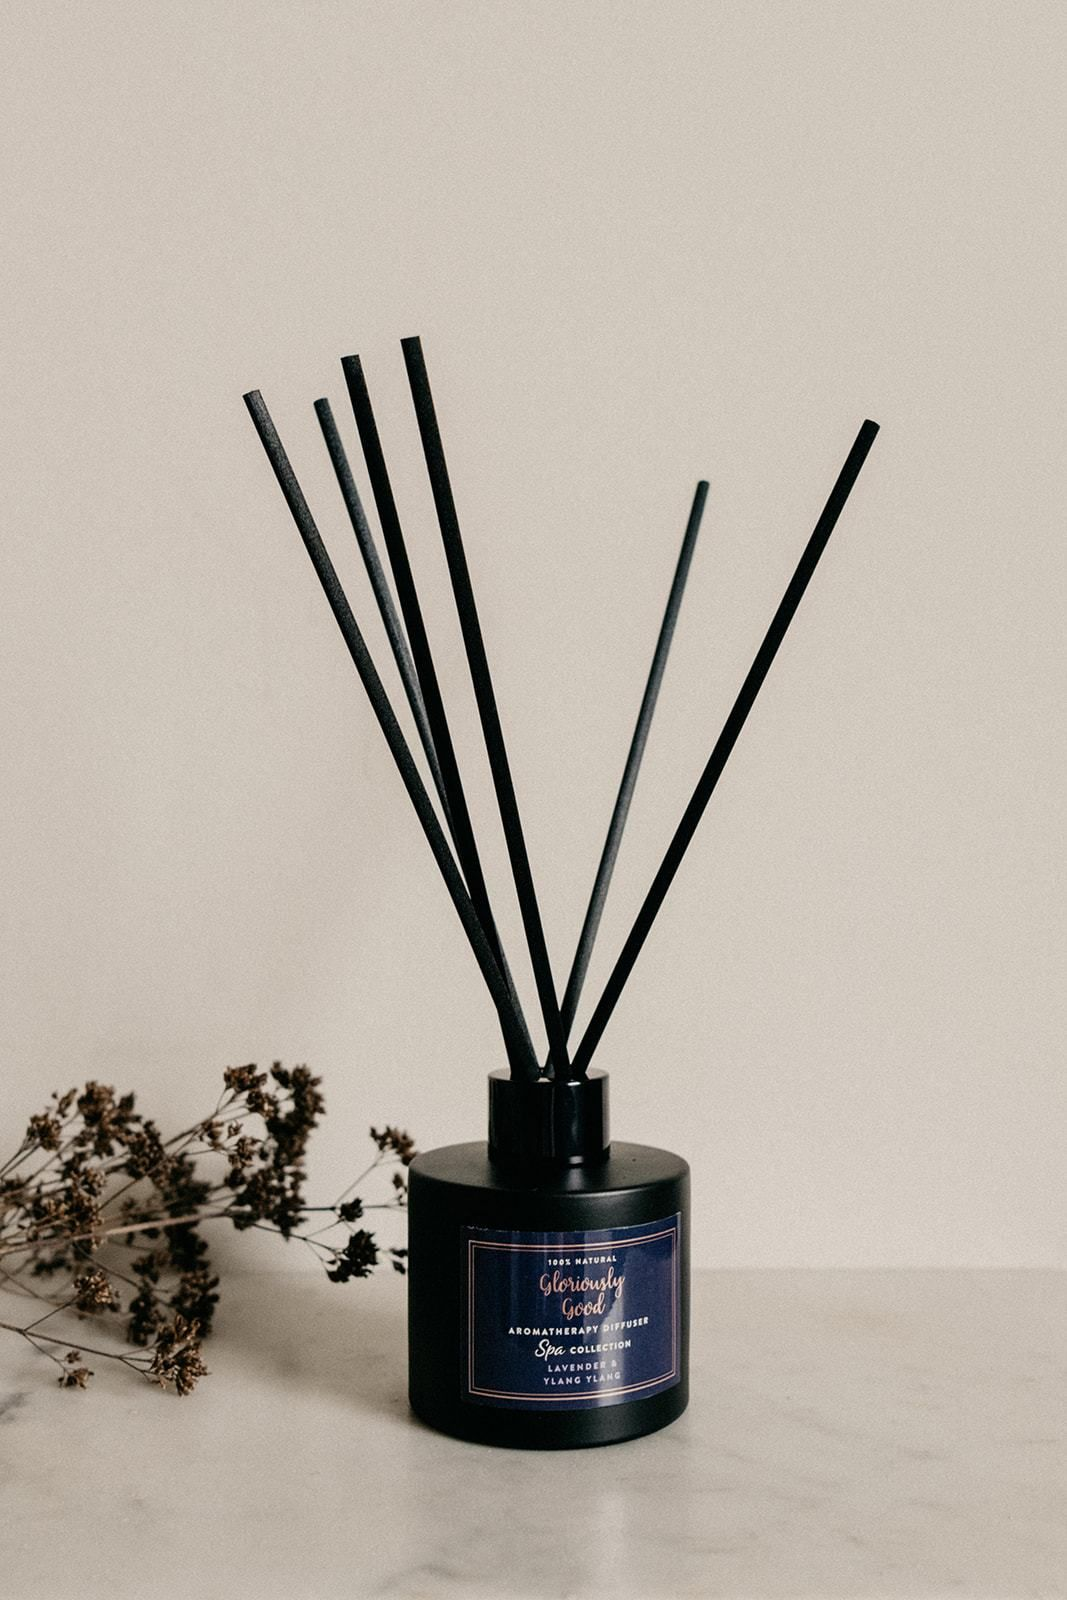 Lavender & Ylang Ylang Satin Black Reed Diffuser